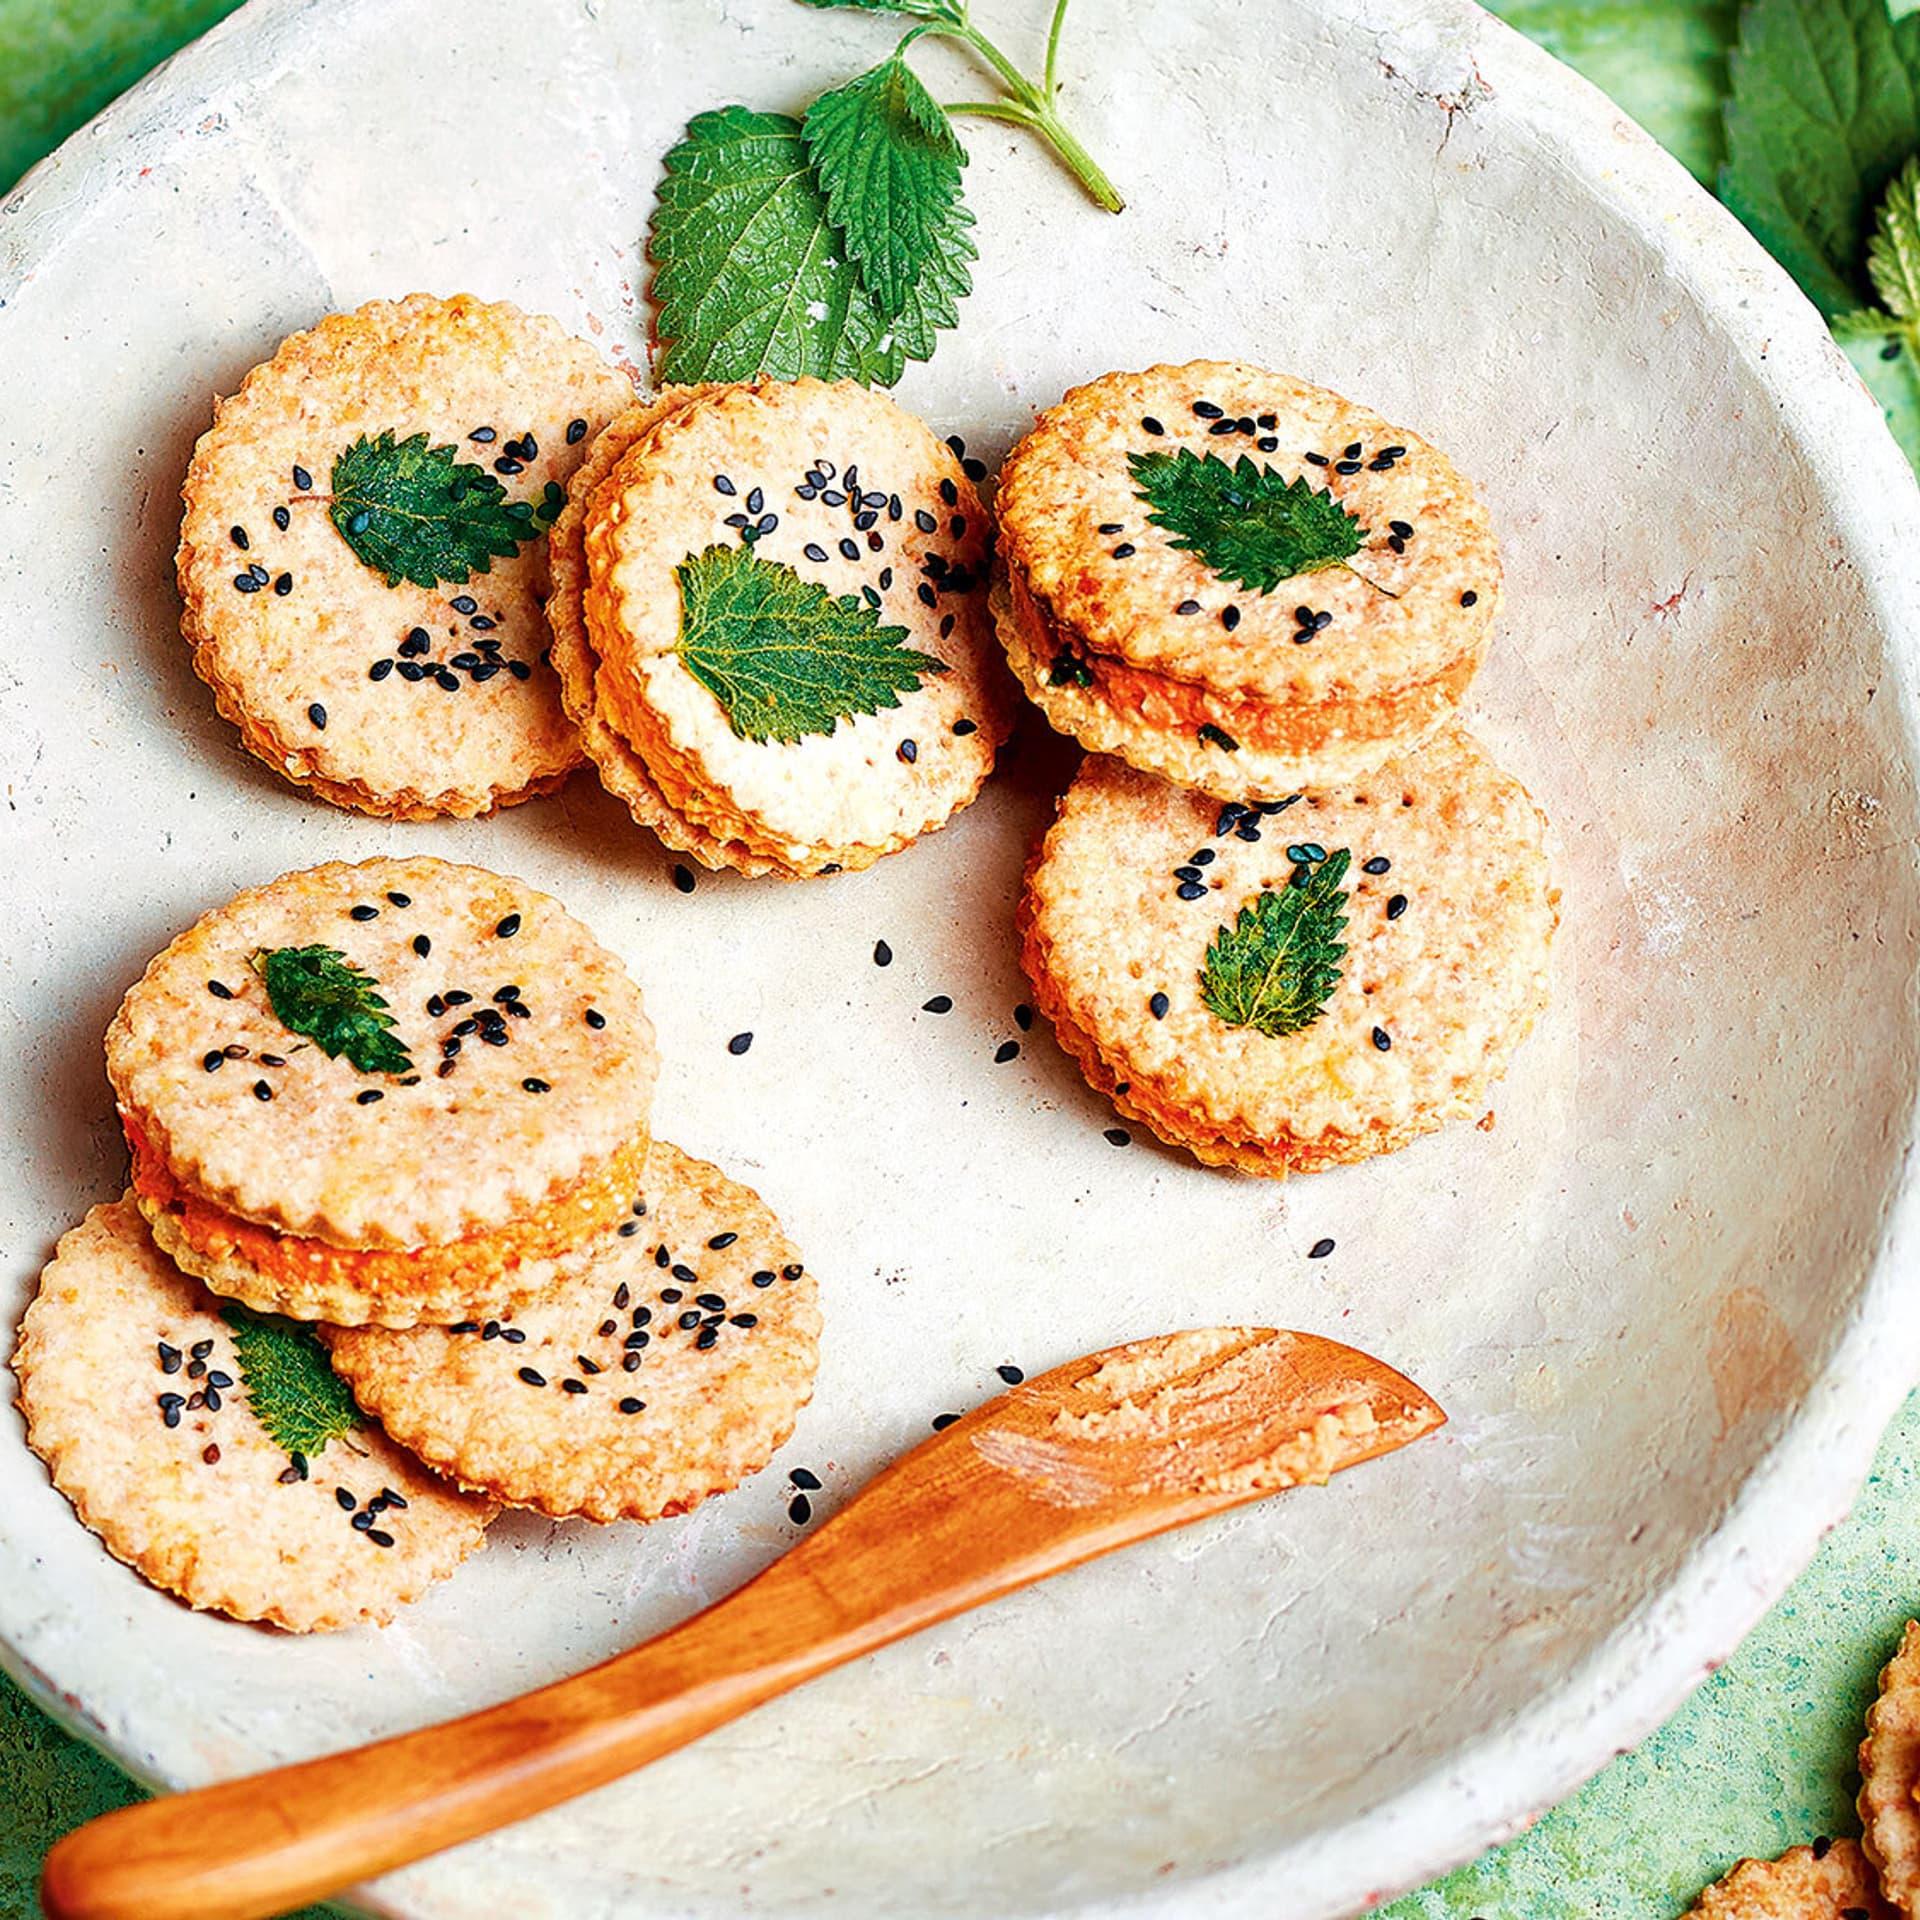 Doppeldecker-Cracker mit schwarzem Sesam und Brennnesselblättchen bestreut auf einem Teller